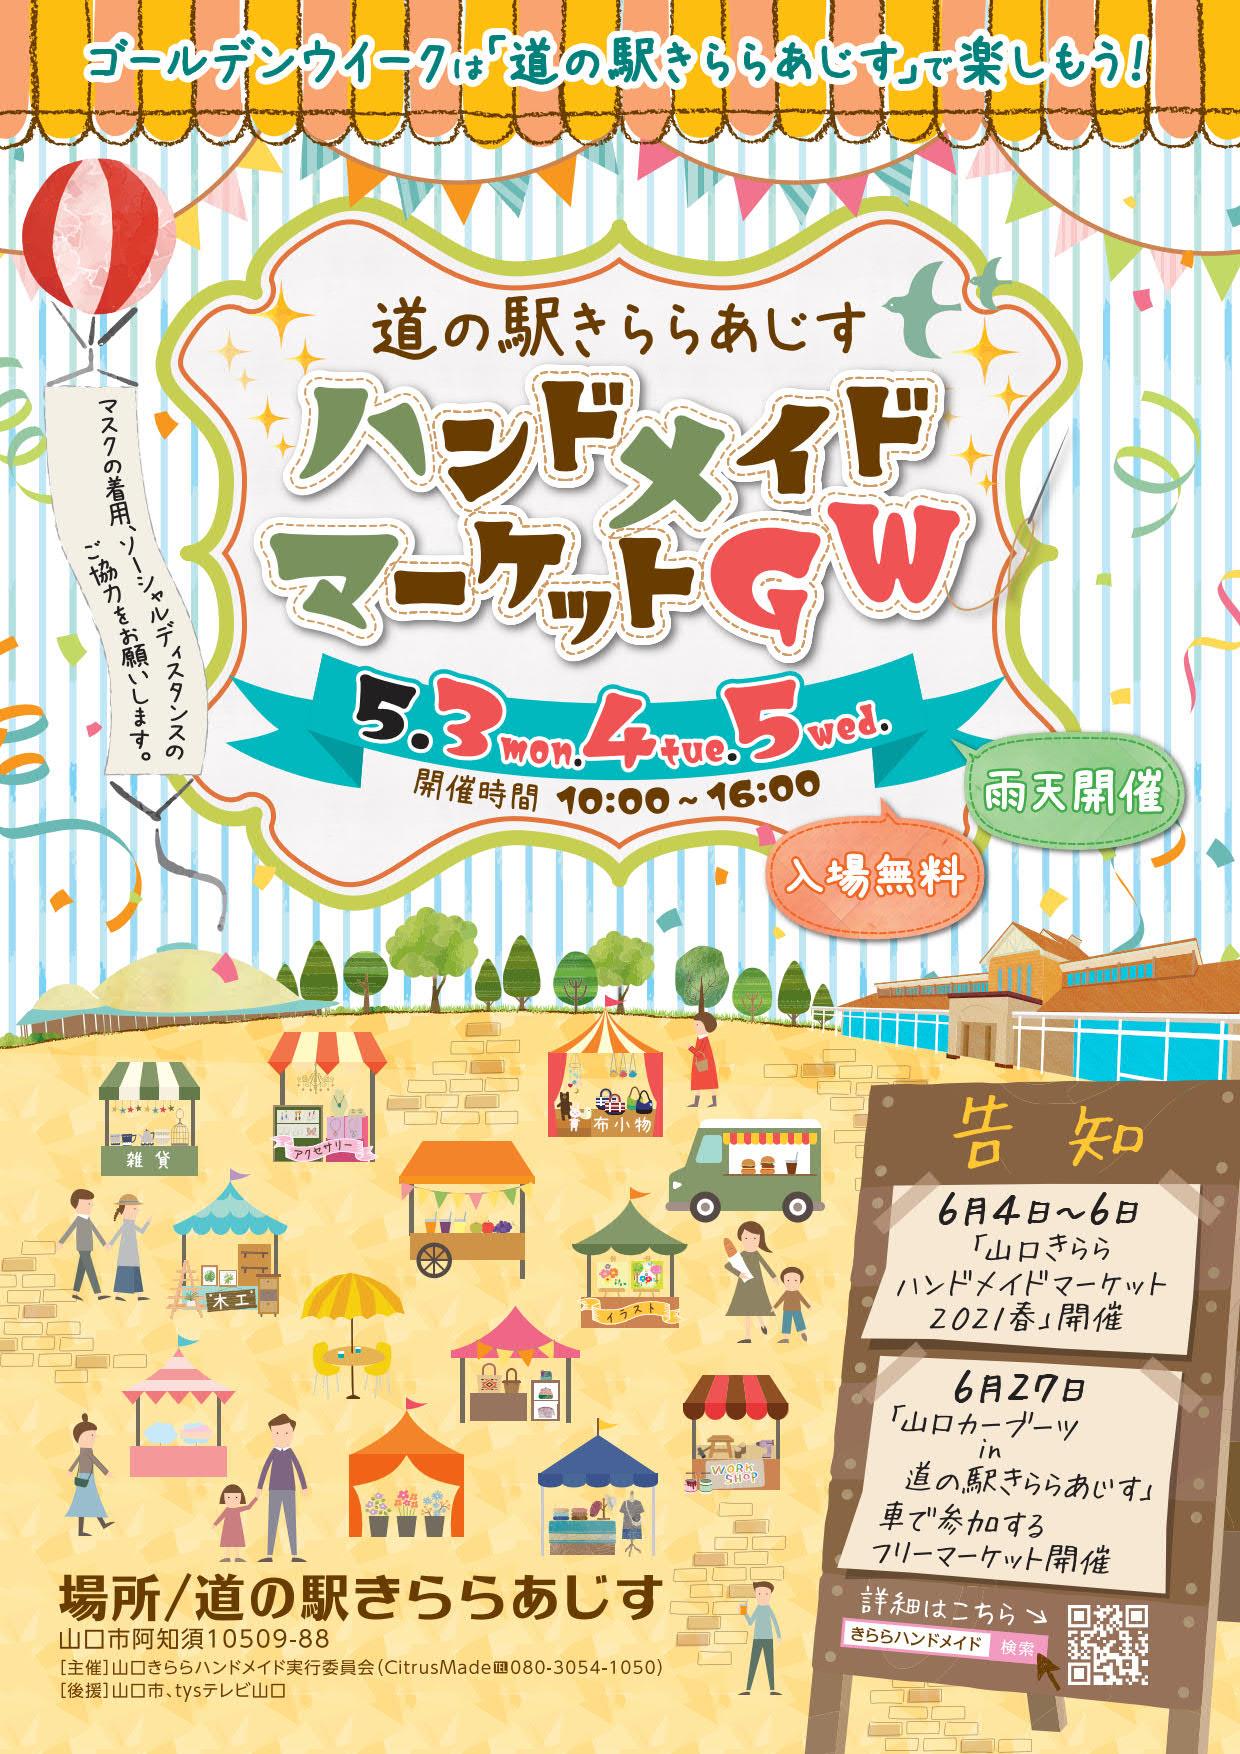 道の駅きららあじすハンドメイドマーケットGW 21/5/3-5(開催終了)